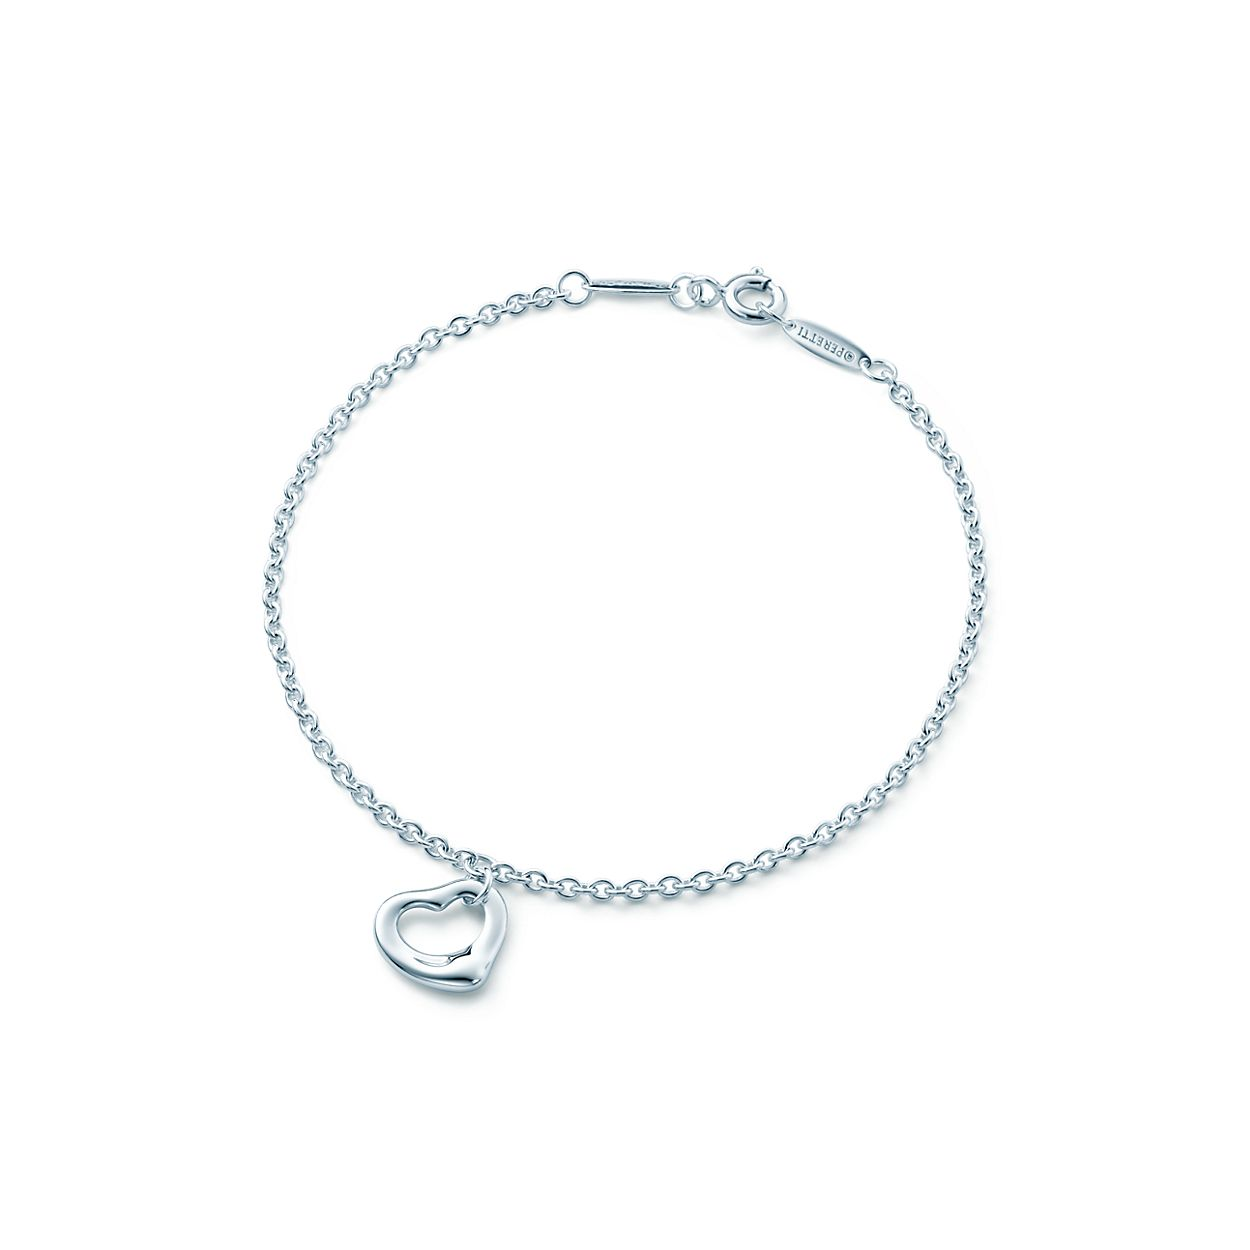 Elsa Peretti Open Heart bracelet in sterling silver, One size Tiffany & Co.